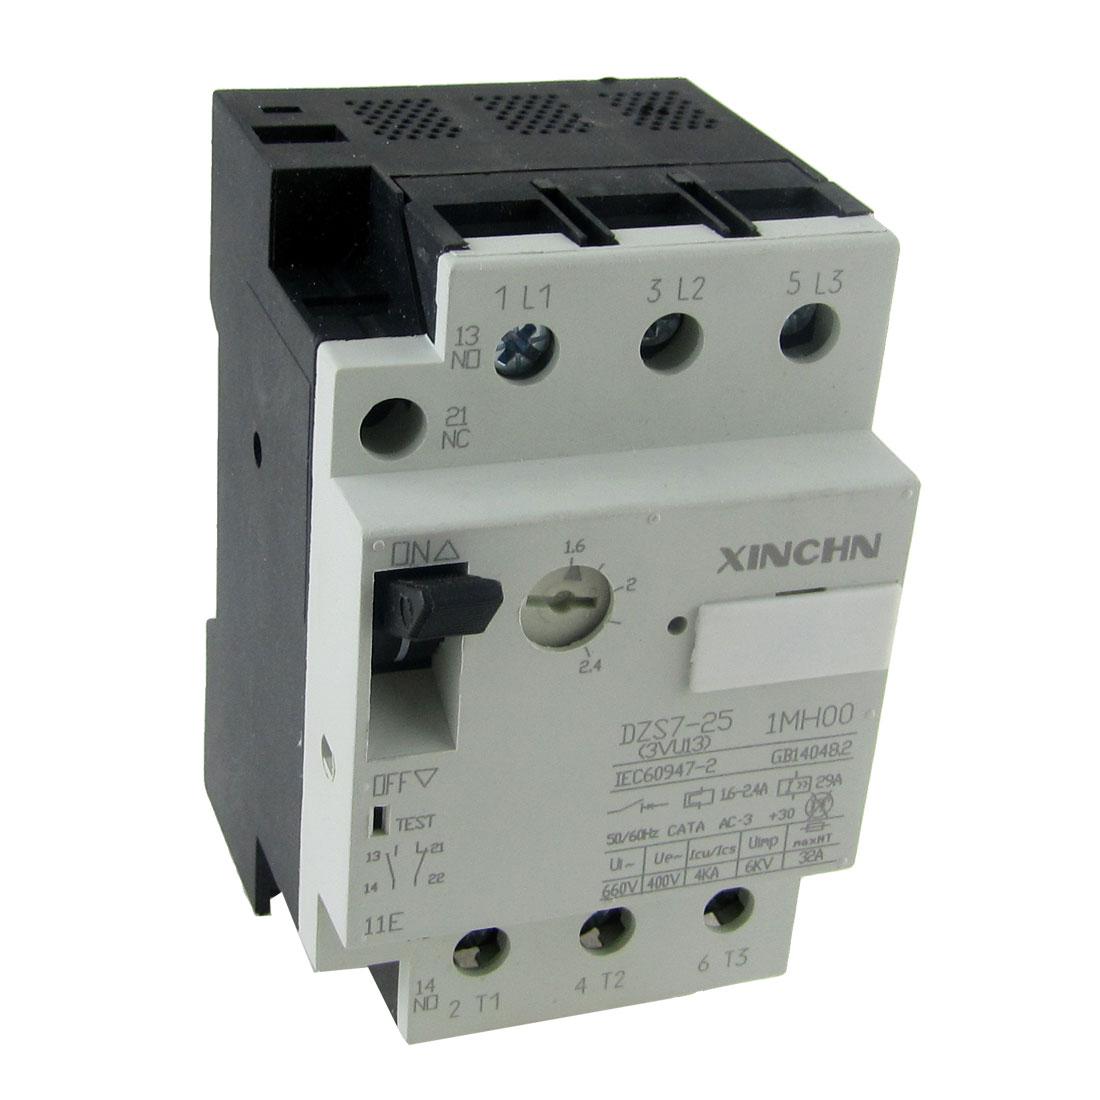 DZS7-25 3VU13 1.6-2.4A 25A Motor Protection Circuit Breaker